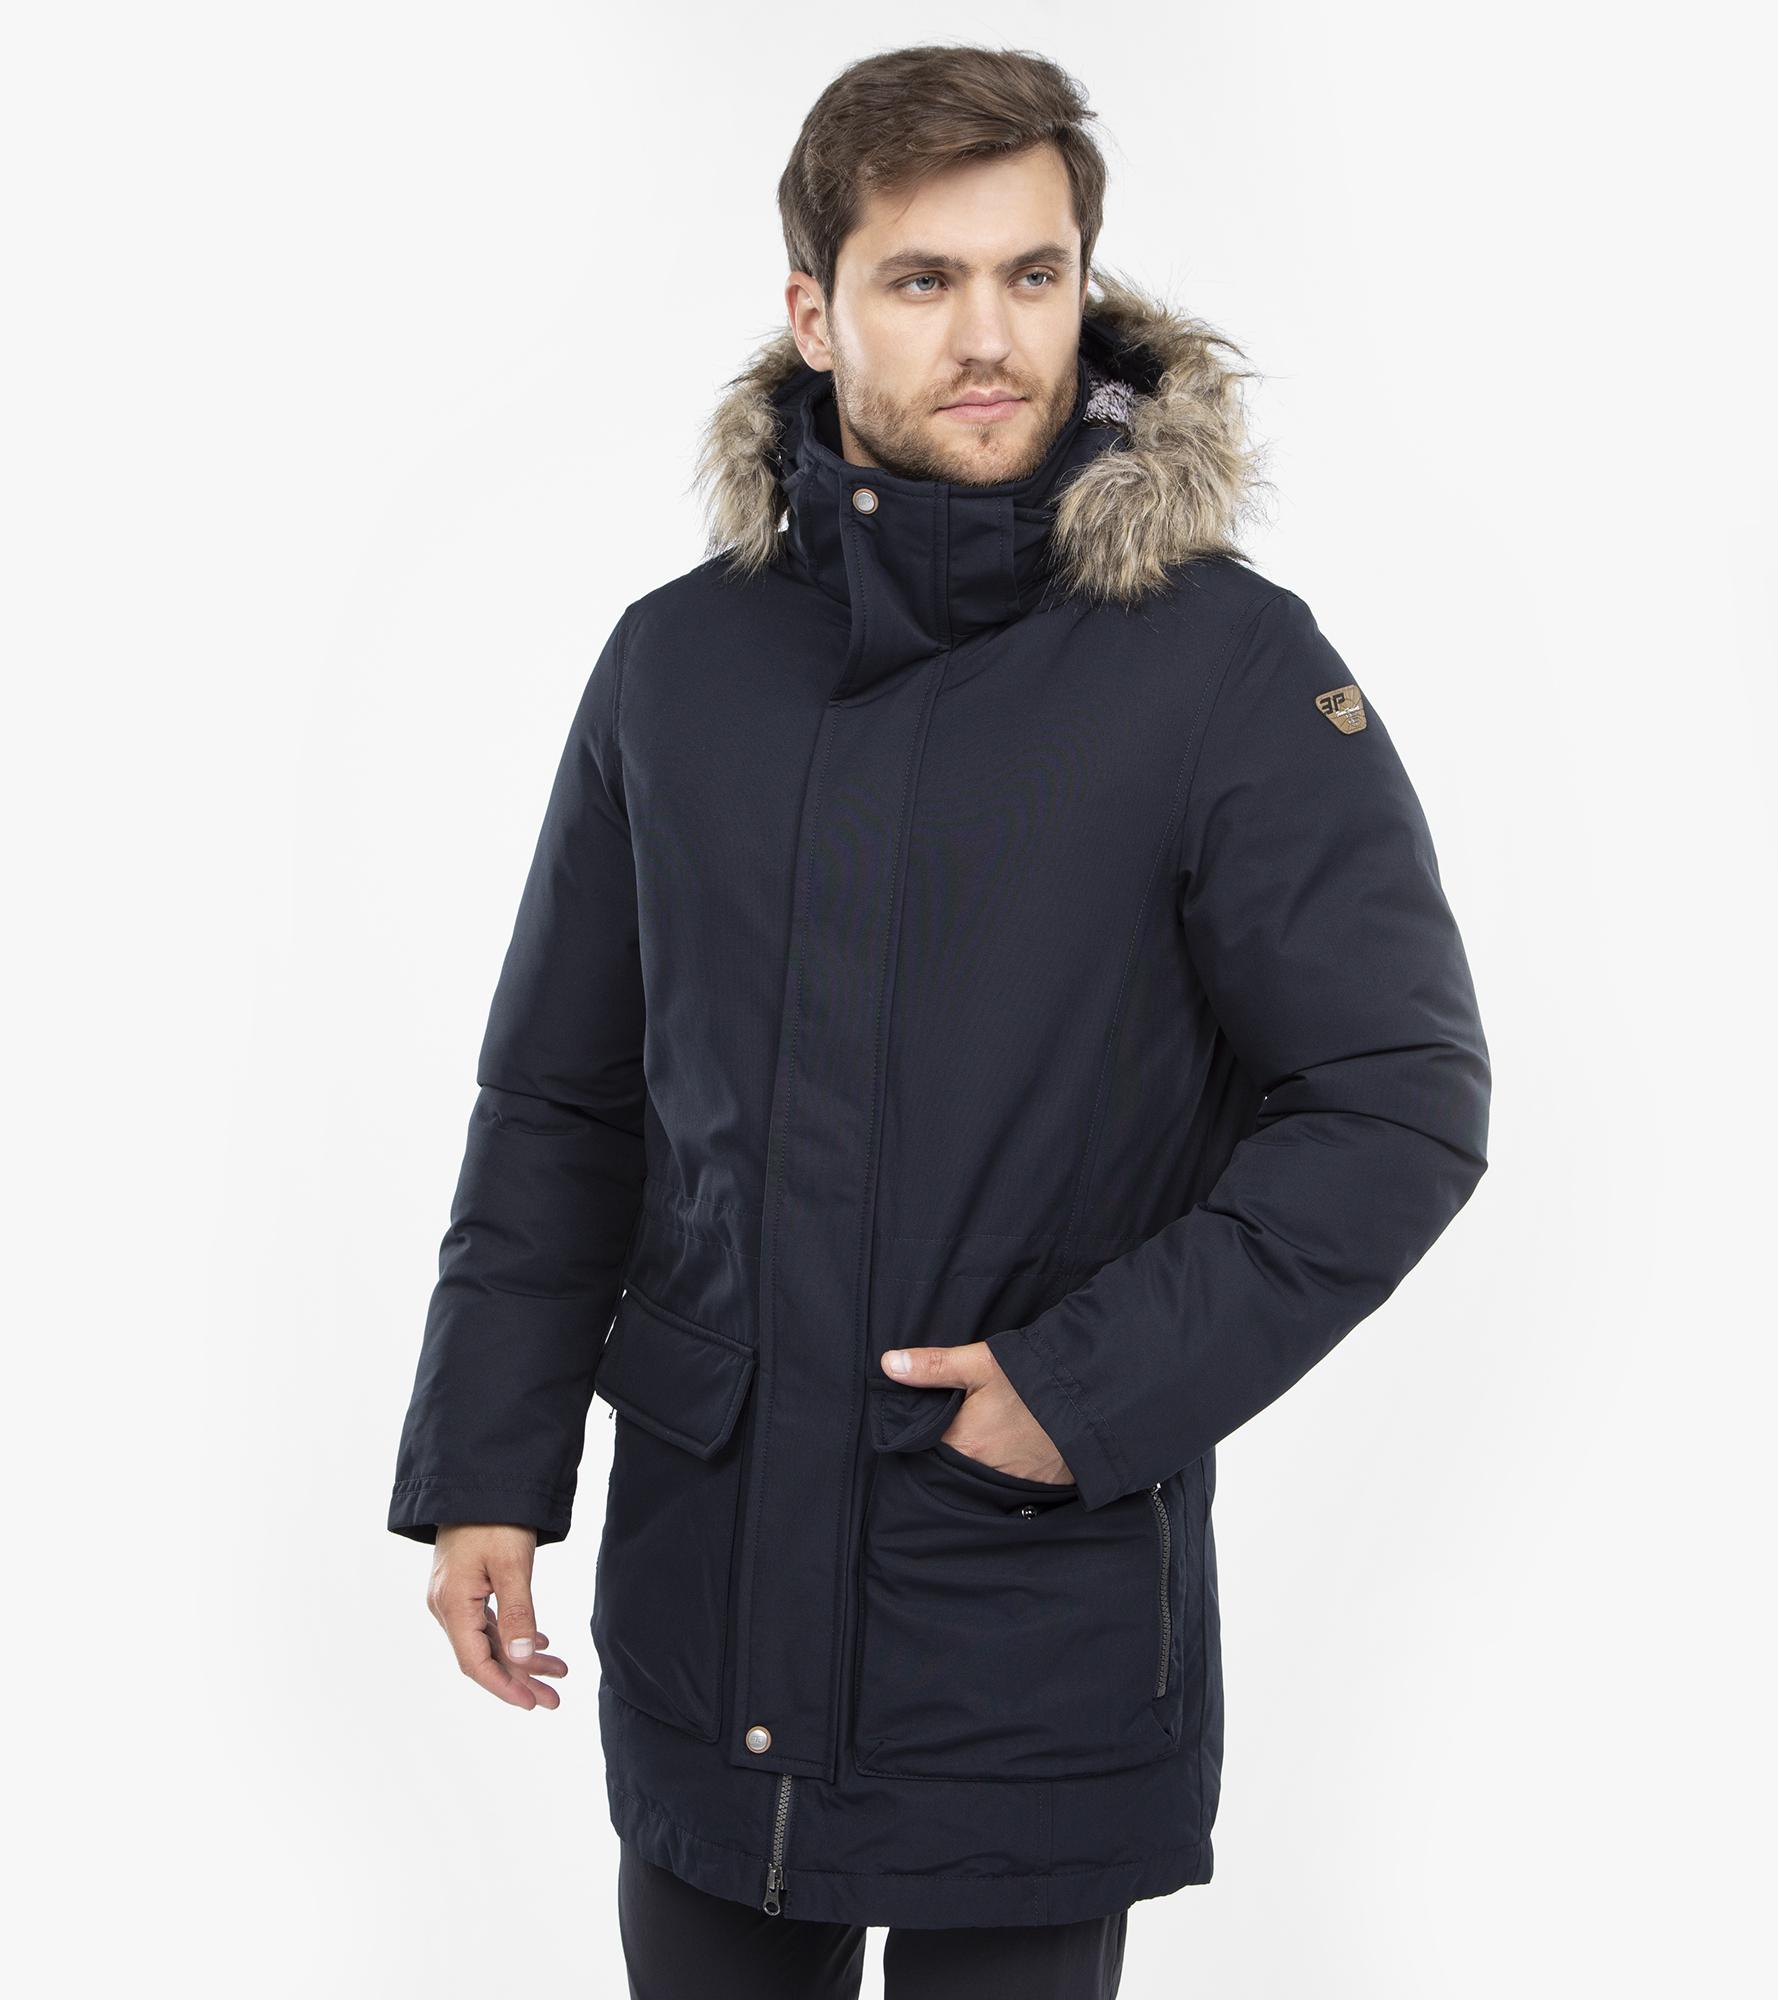 IcePeak Куртка утепленная мужская IcePeak Abington, размер 56 цены онлайн